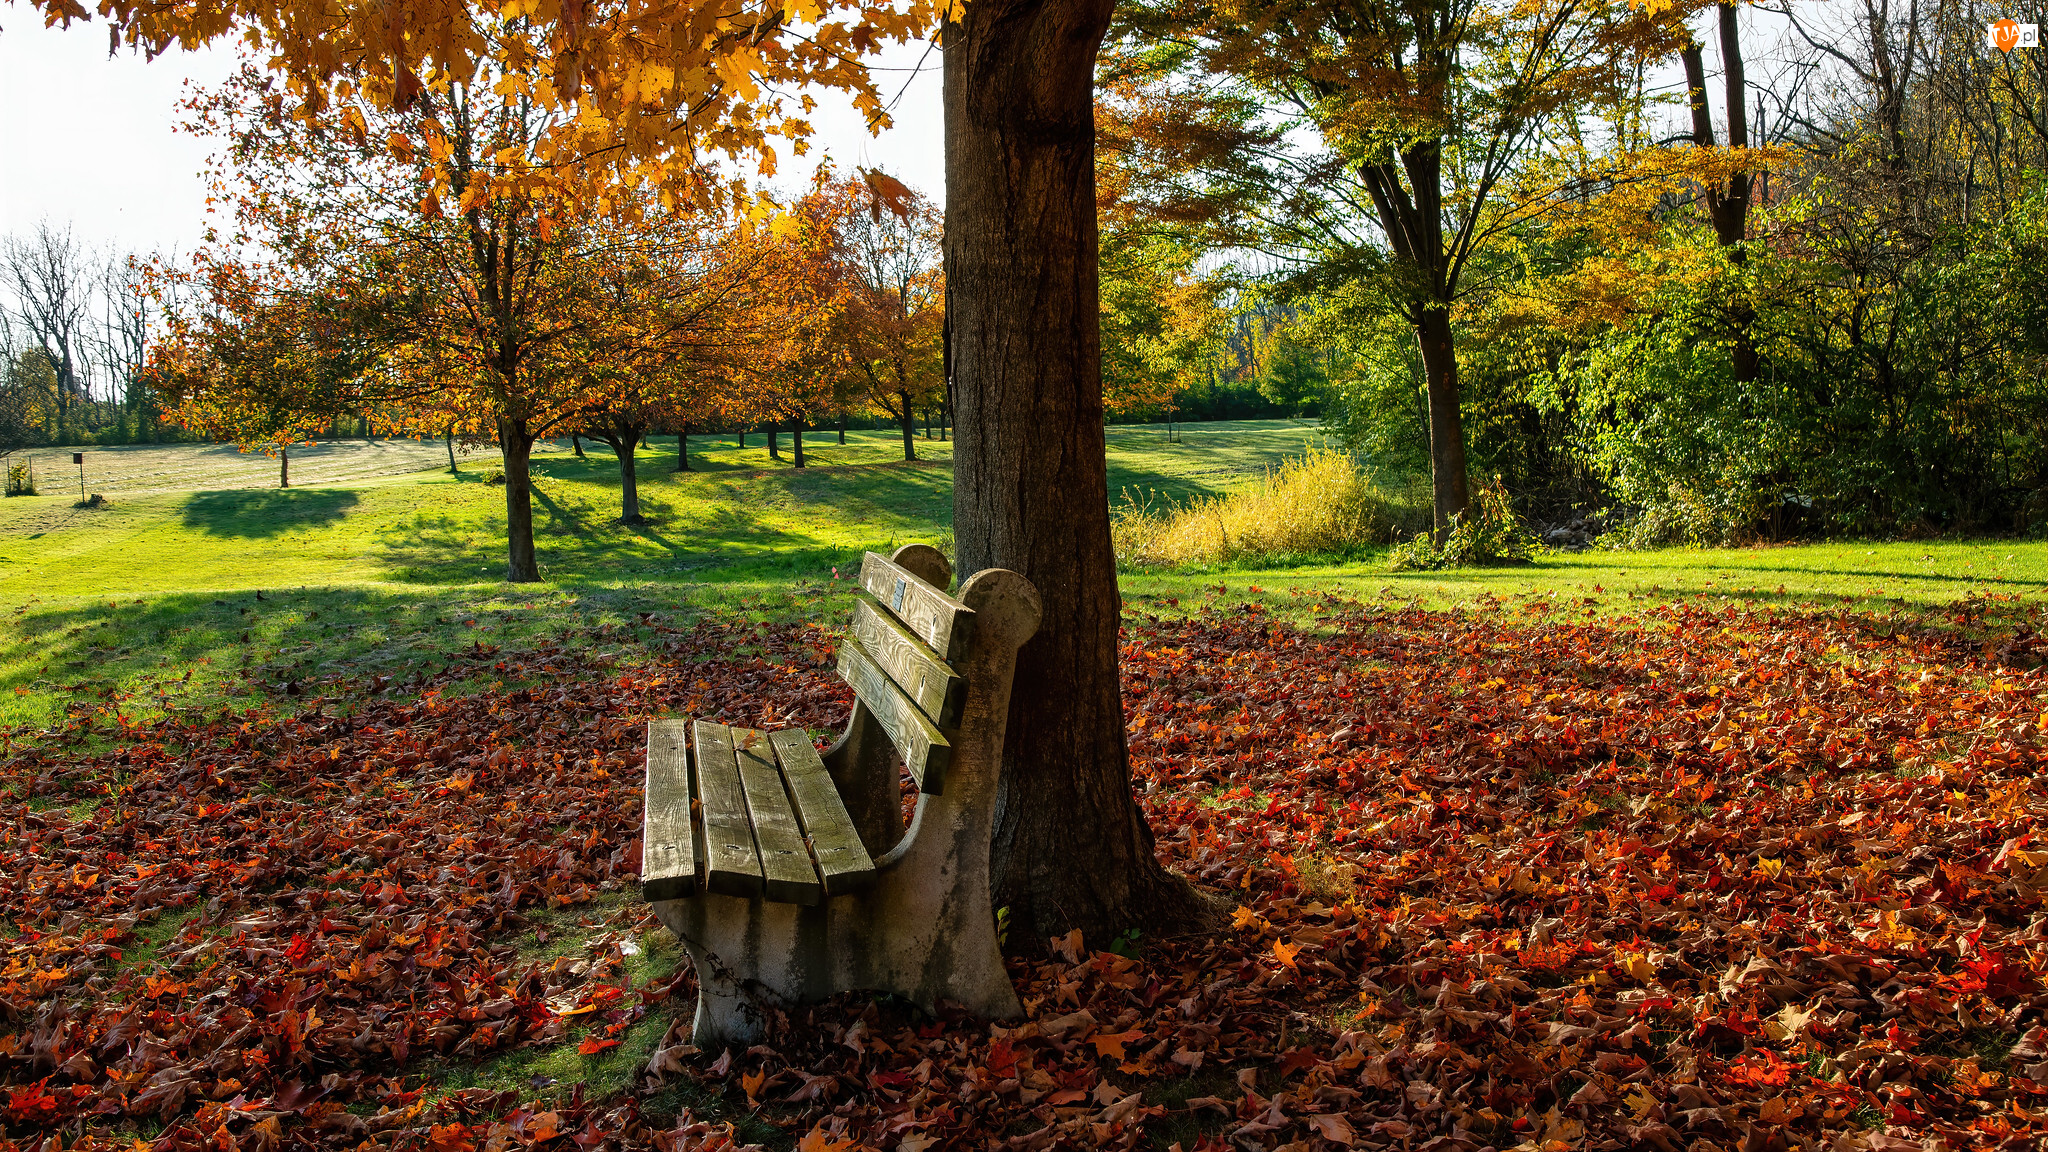 Jesień, Park, Liście, Drzewa, Opadłe, Ławka